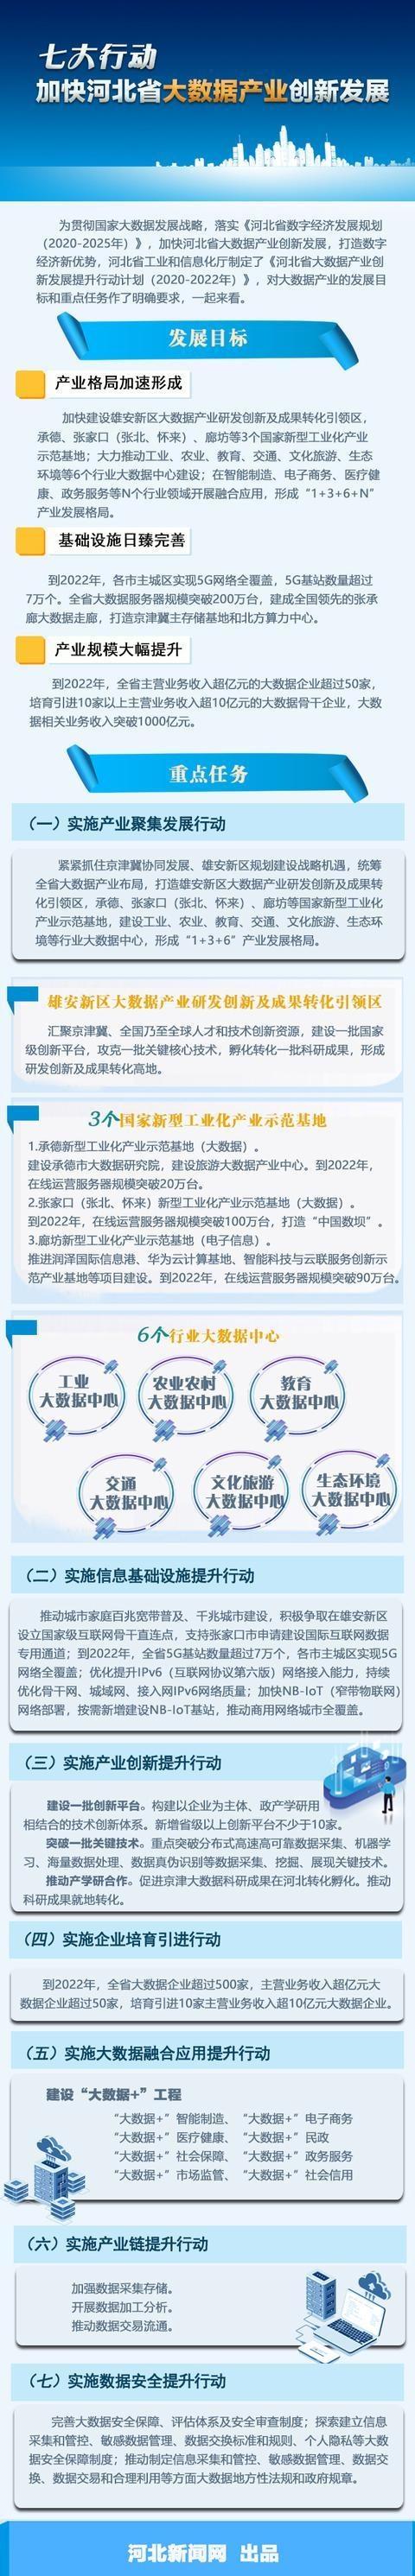 七大行动加快河北省大数据产业创新发展